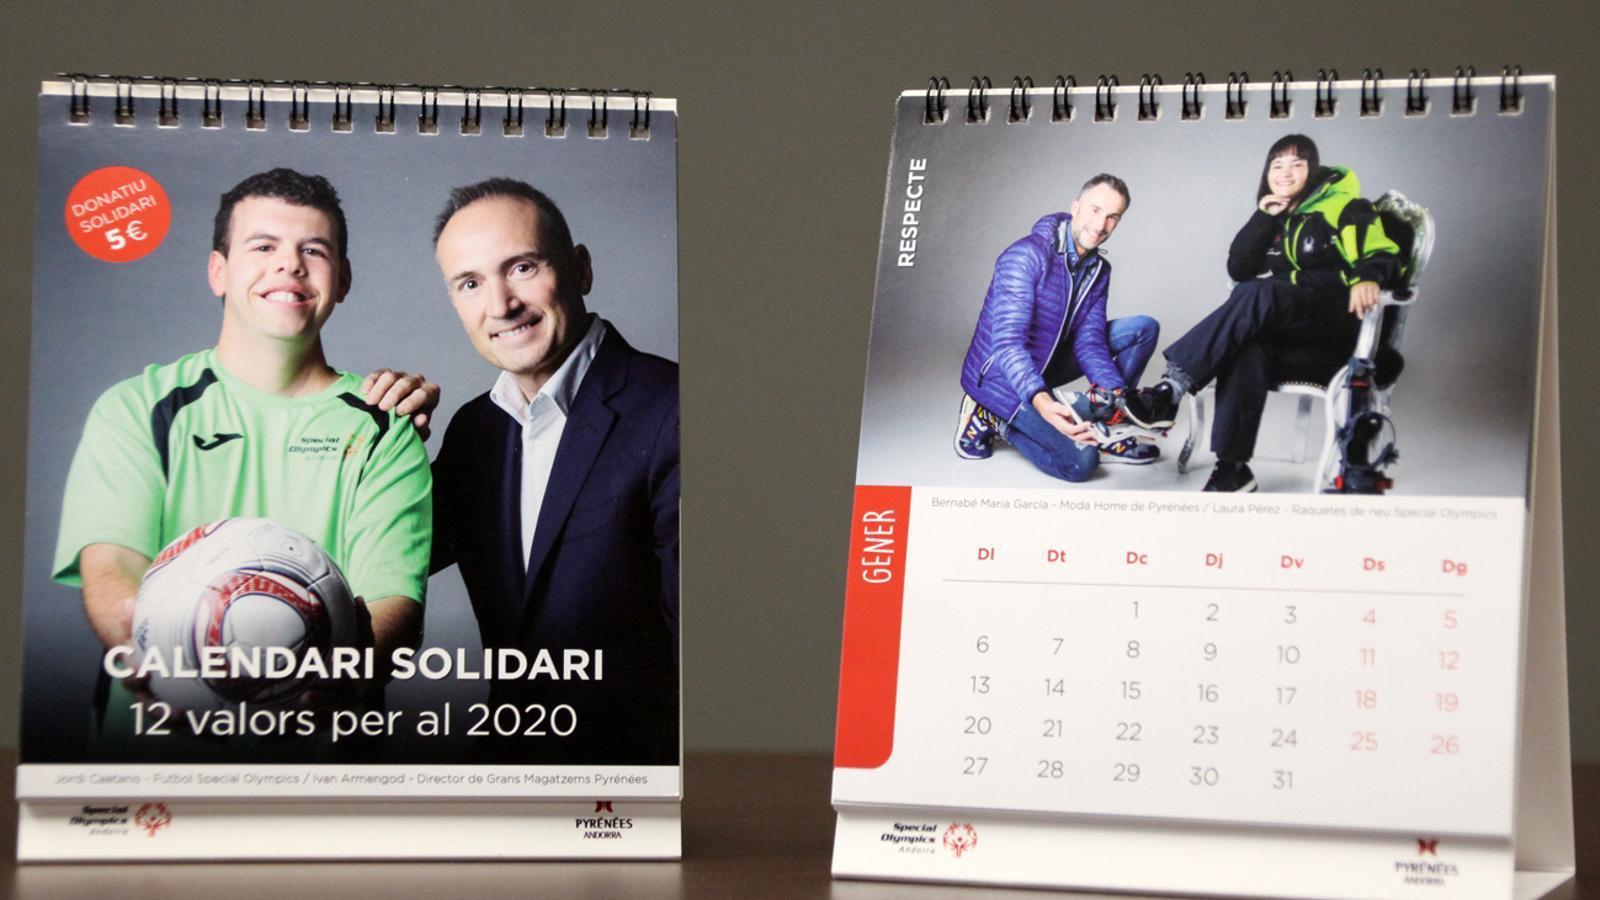 Calendari solidari d'Special Olympics en col·laboració amb Pyrénées. / T. N.